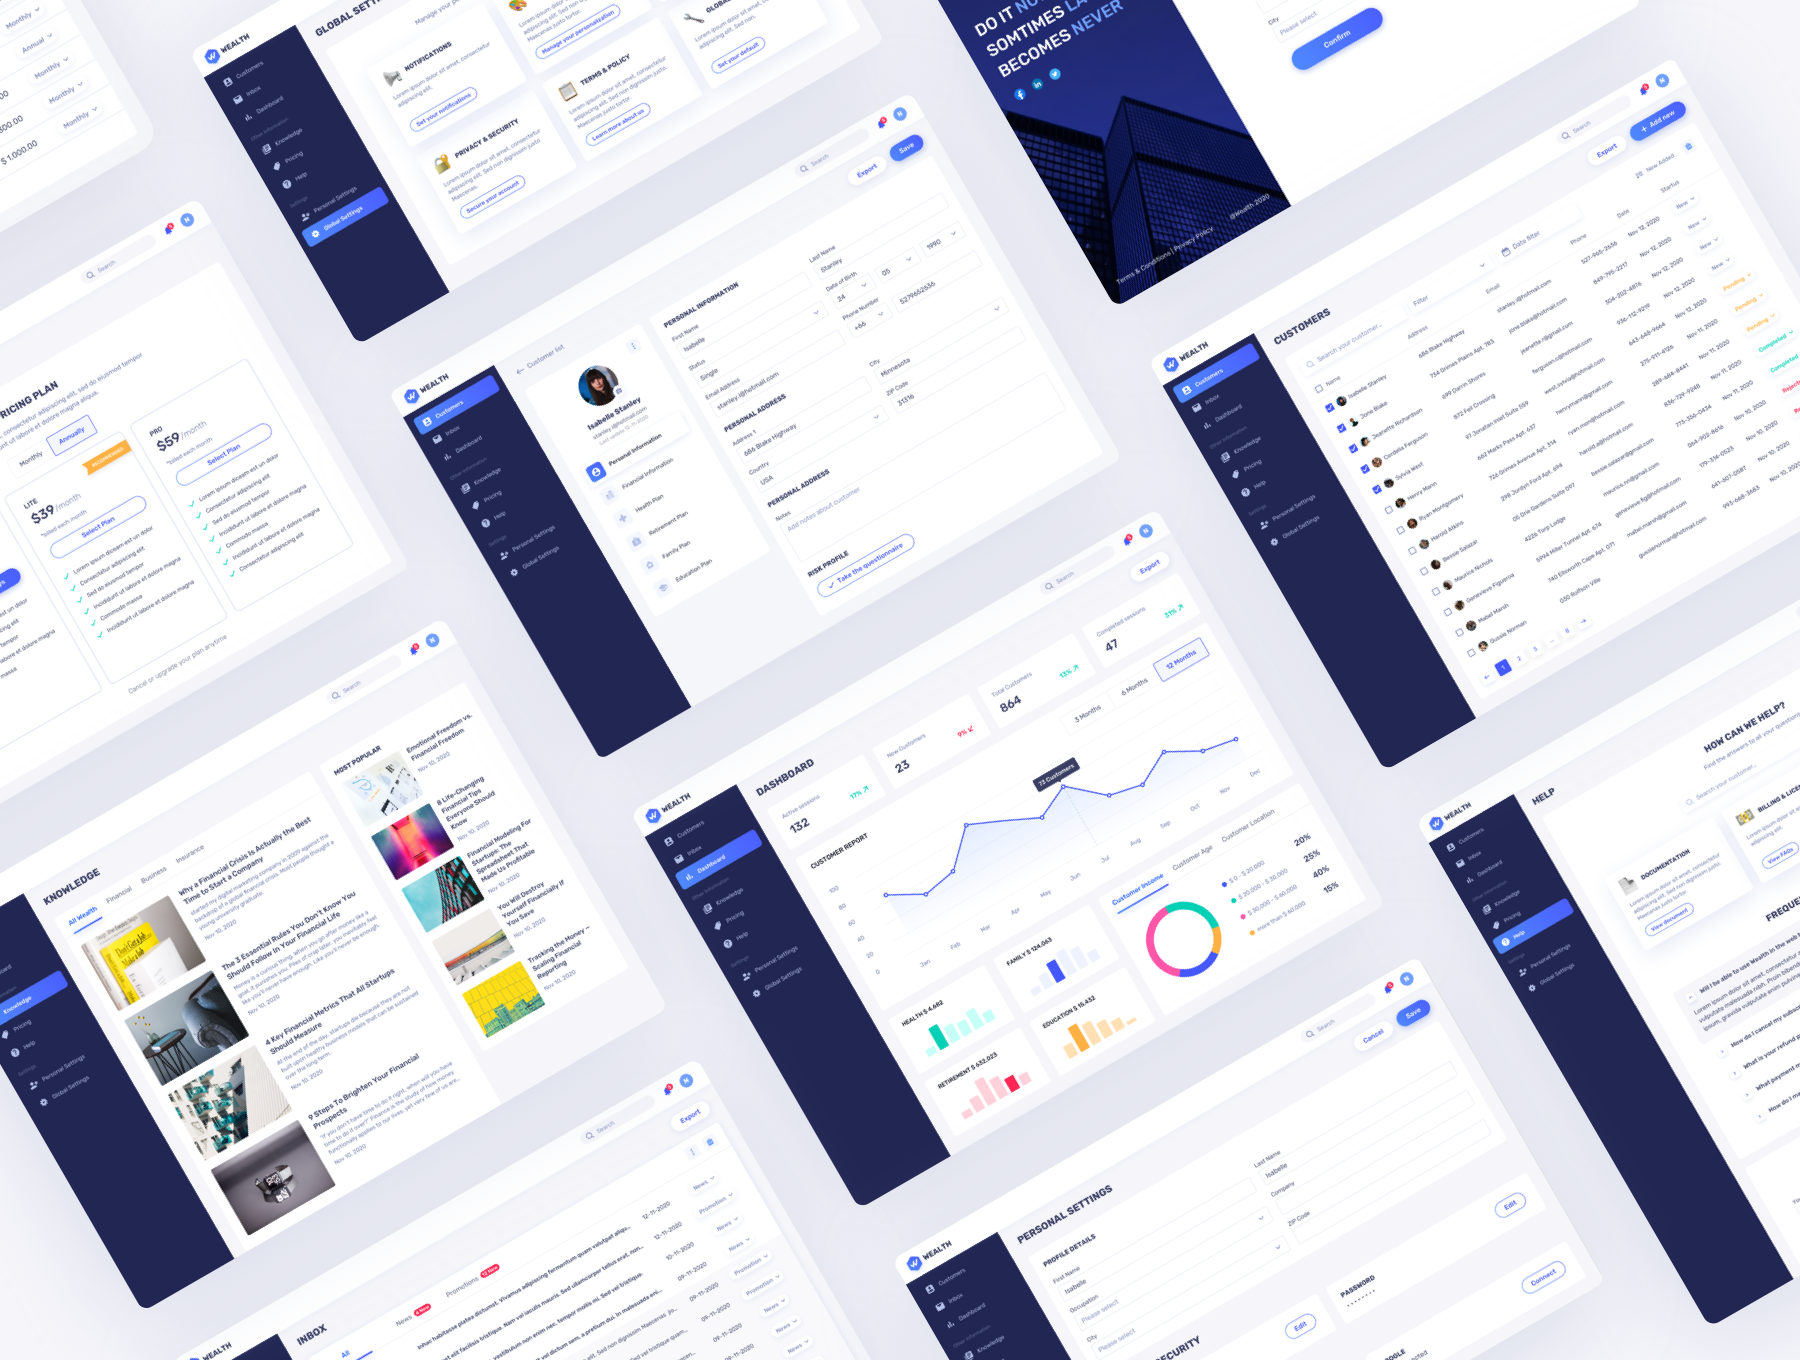 财务记账理财网站WEB界面设计UI套件素材 Wealth – Financial Web UI Kit插图1